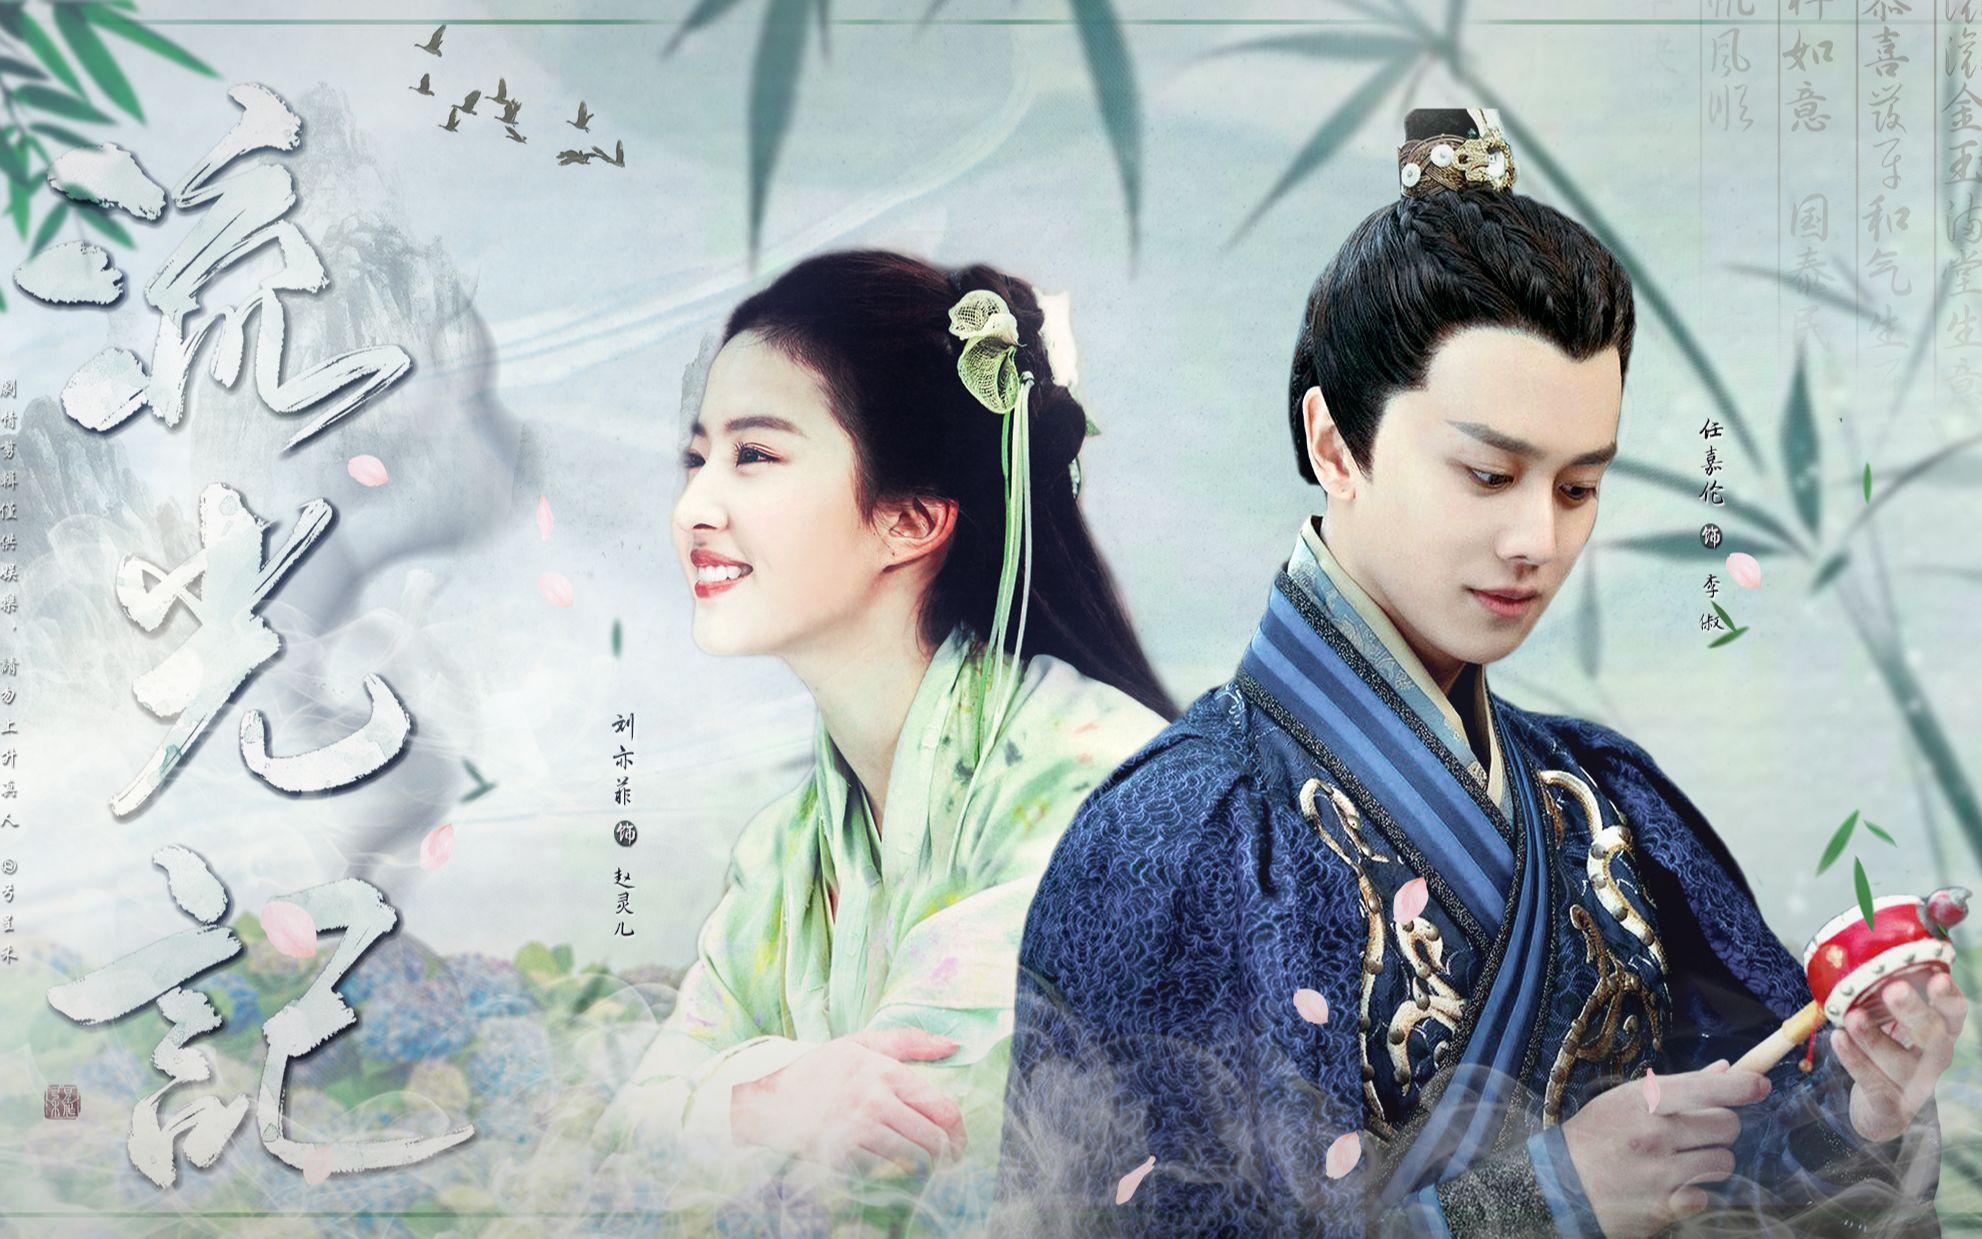 【甜美爱情剧】【刘亦菲×任嘉伦】富家千金和贵族少爷成亲再生俩娃娃的故事